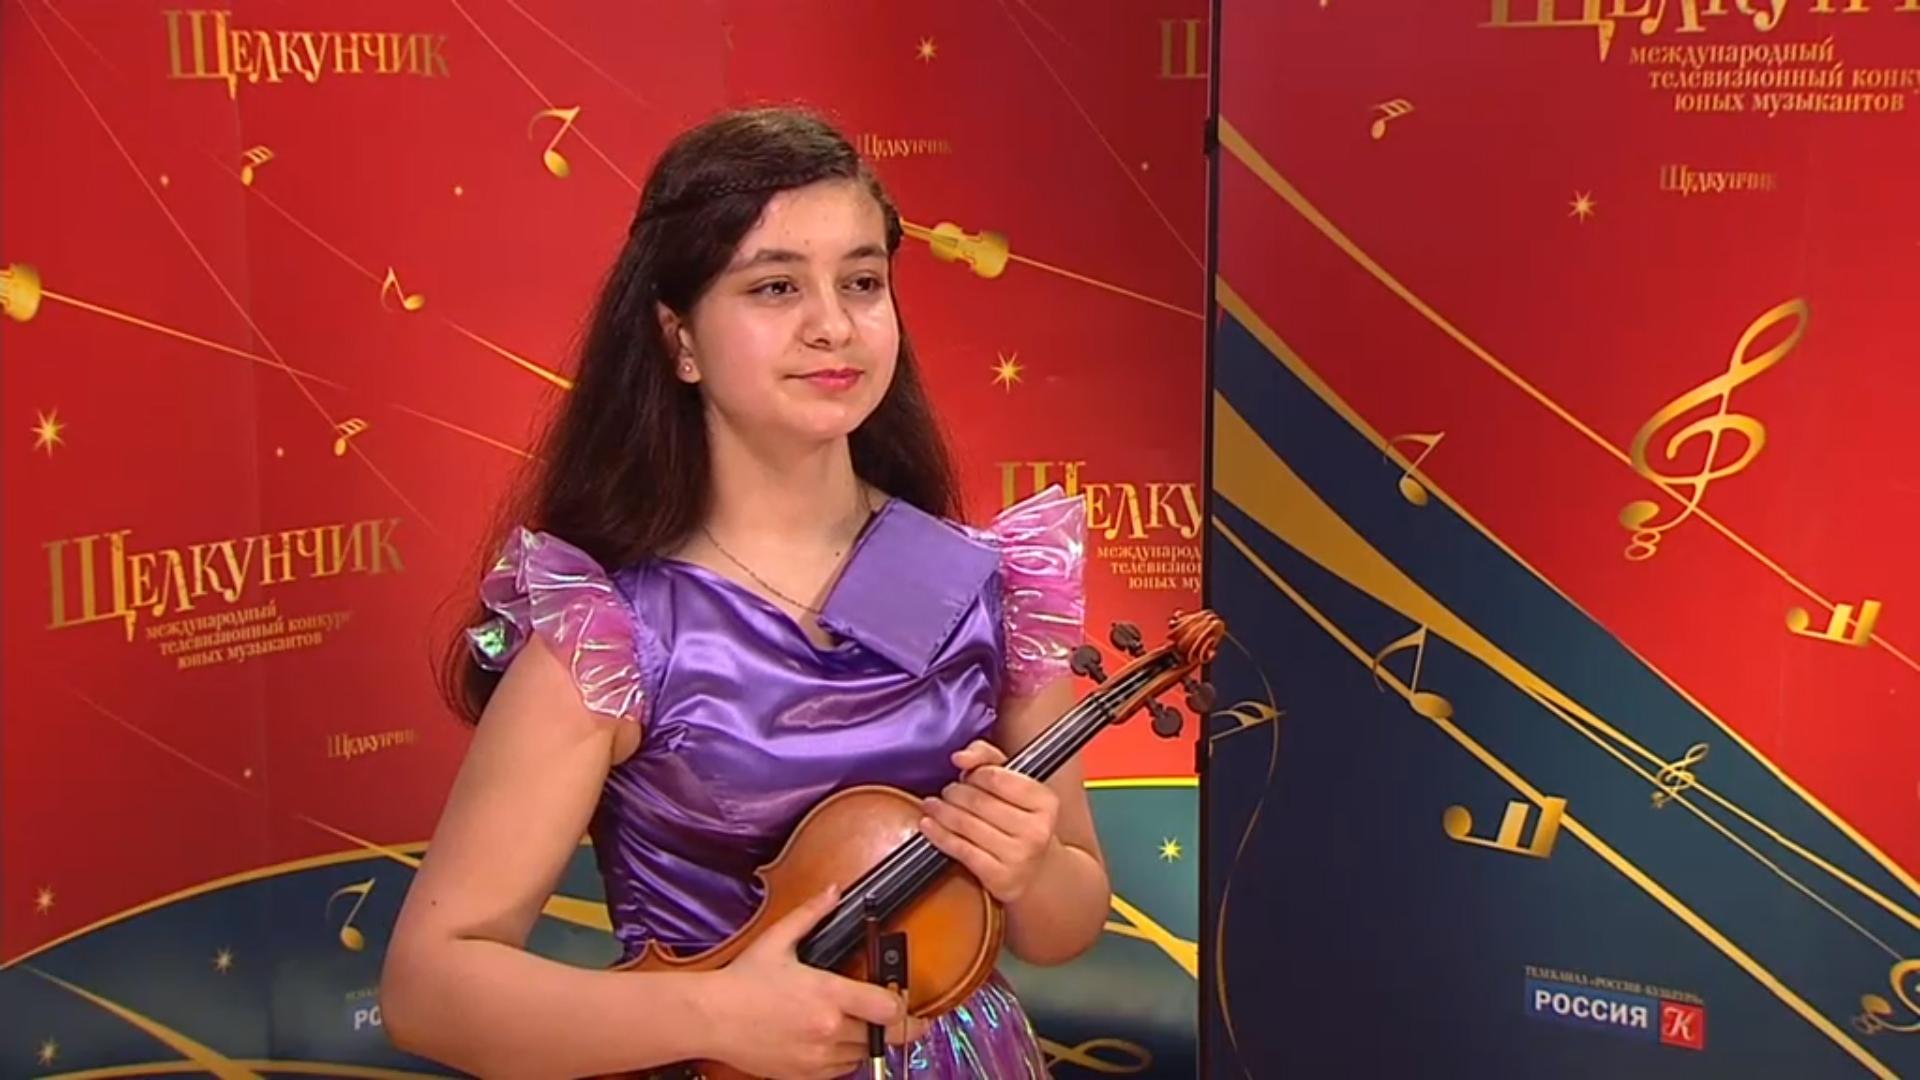 Скрипачка из Красноярска Лейла Бабаева выступила на Международном конкурсе юных музыкантов «Щелкунчик»